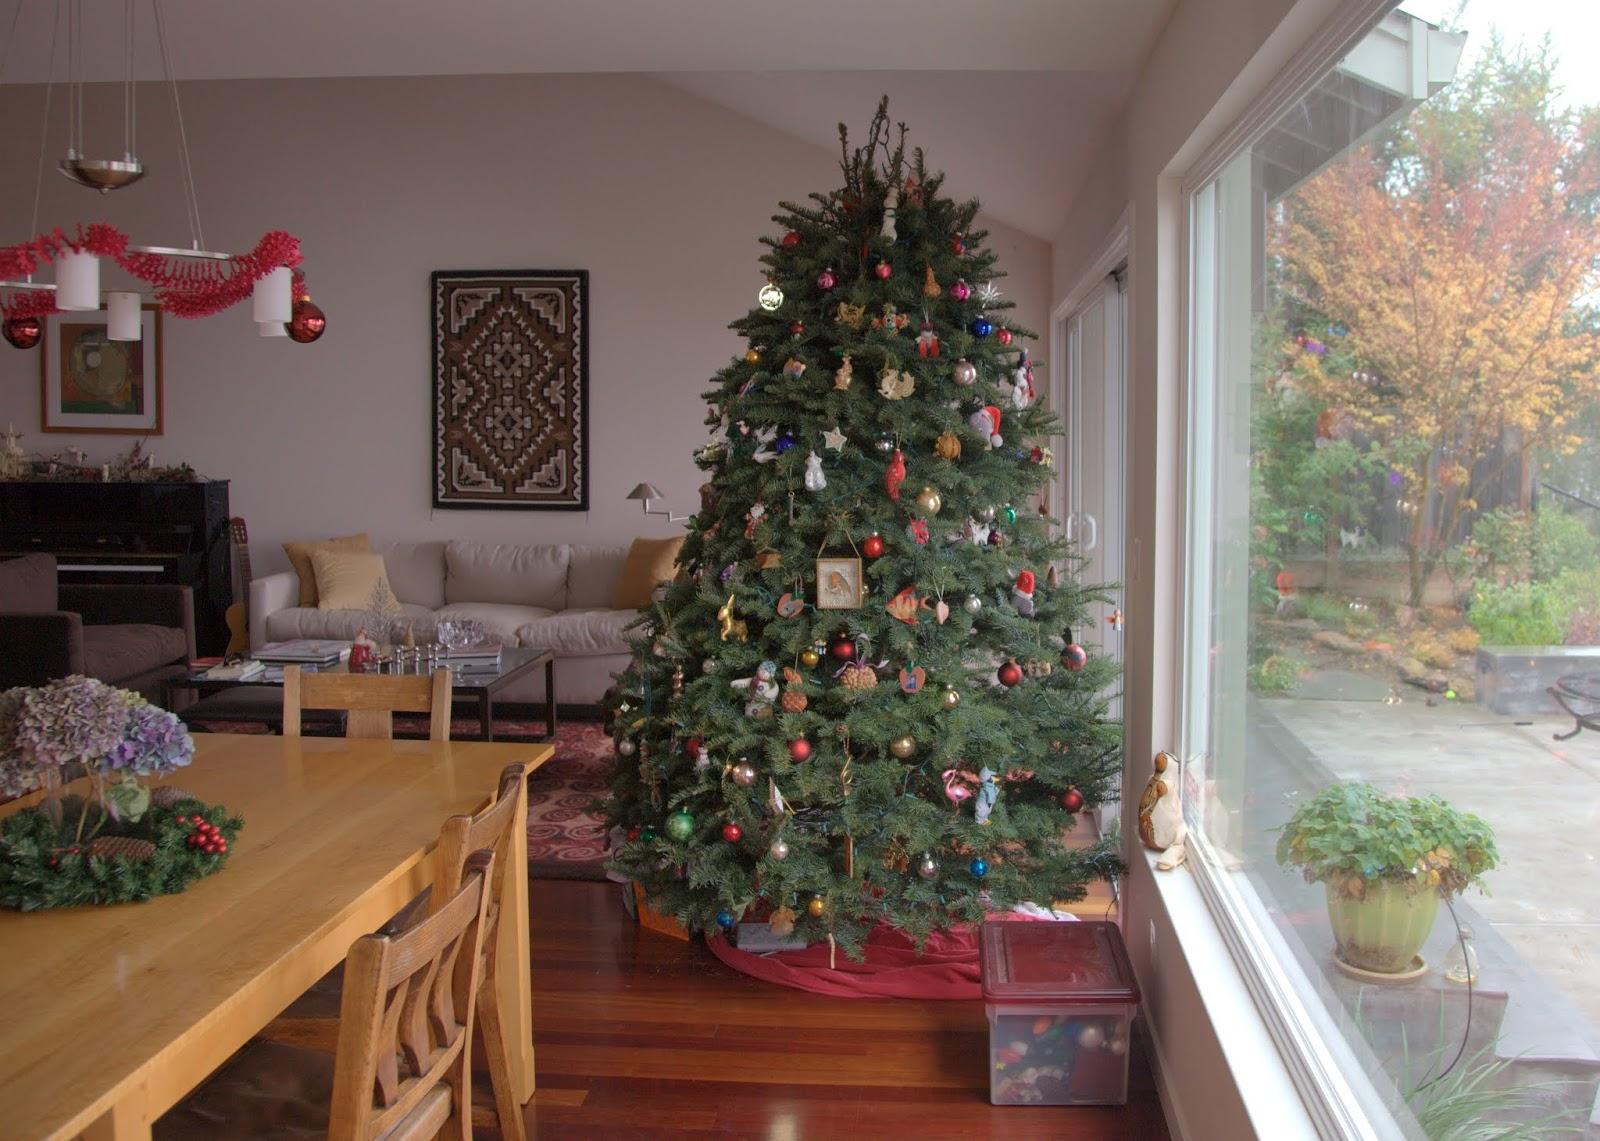 Jib jab with Tim: Christmas Tree